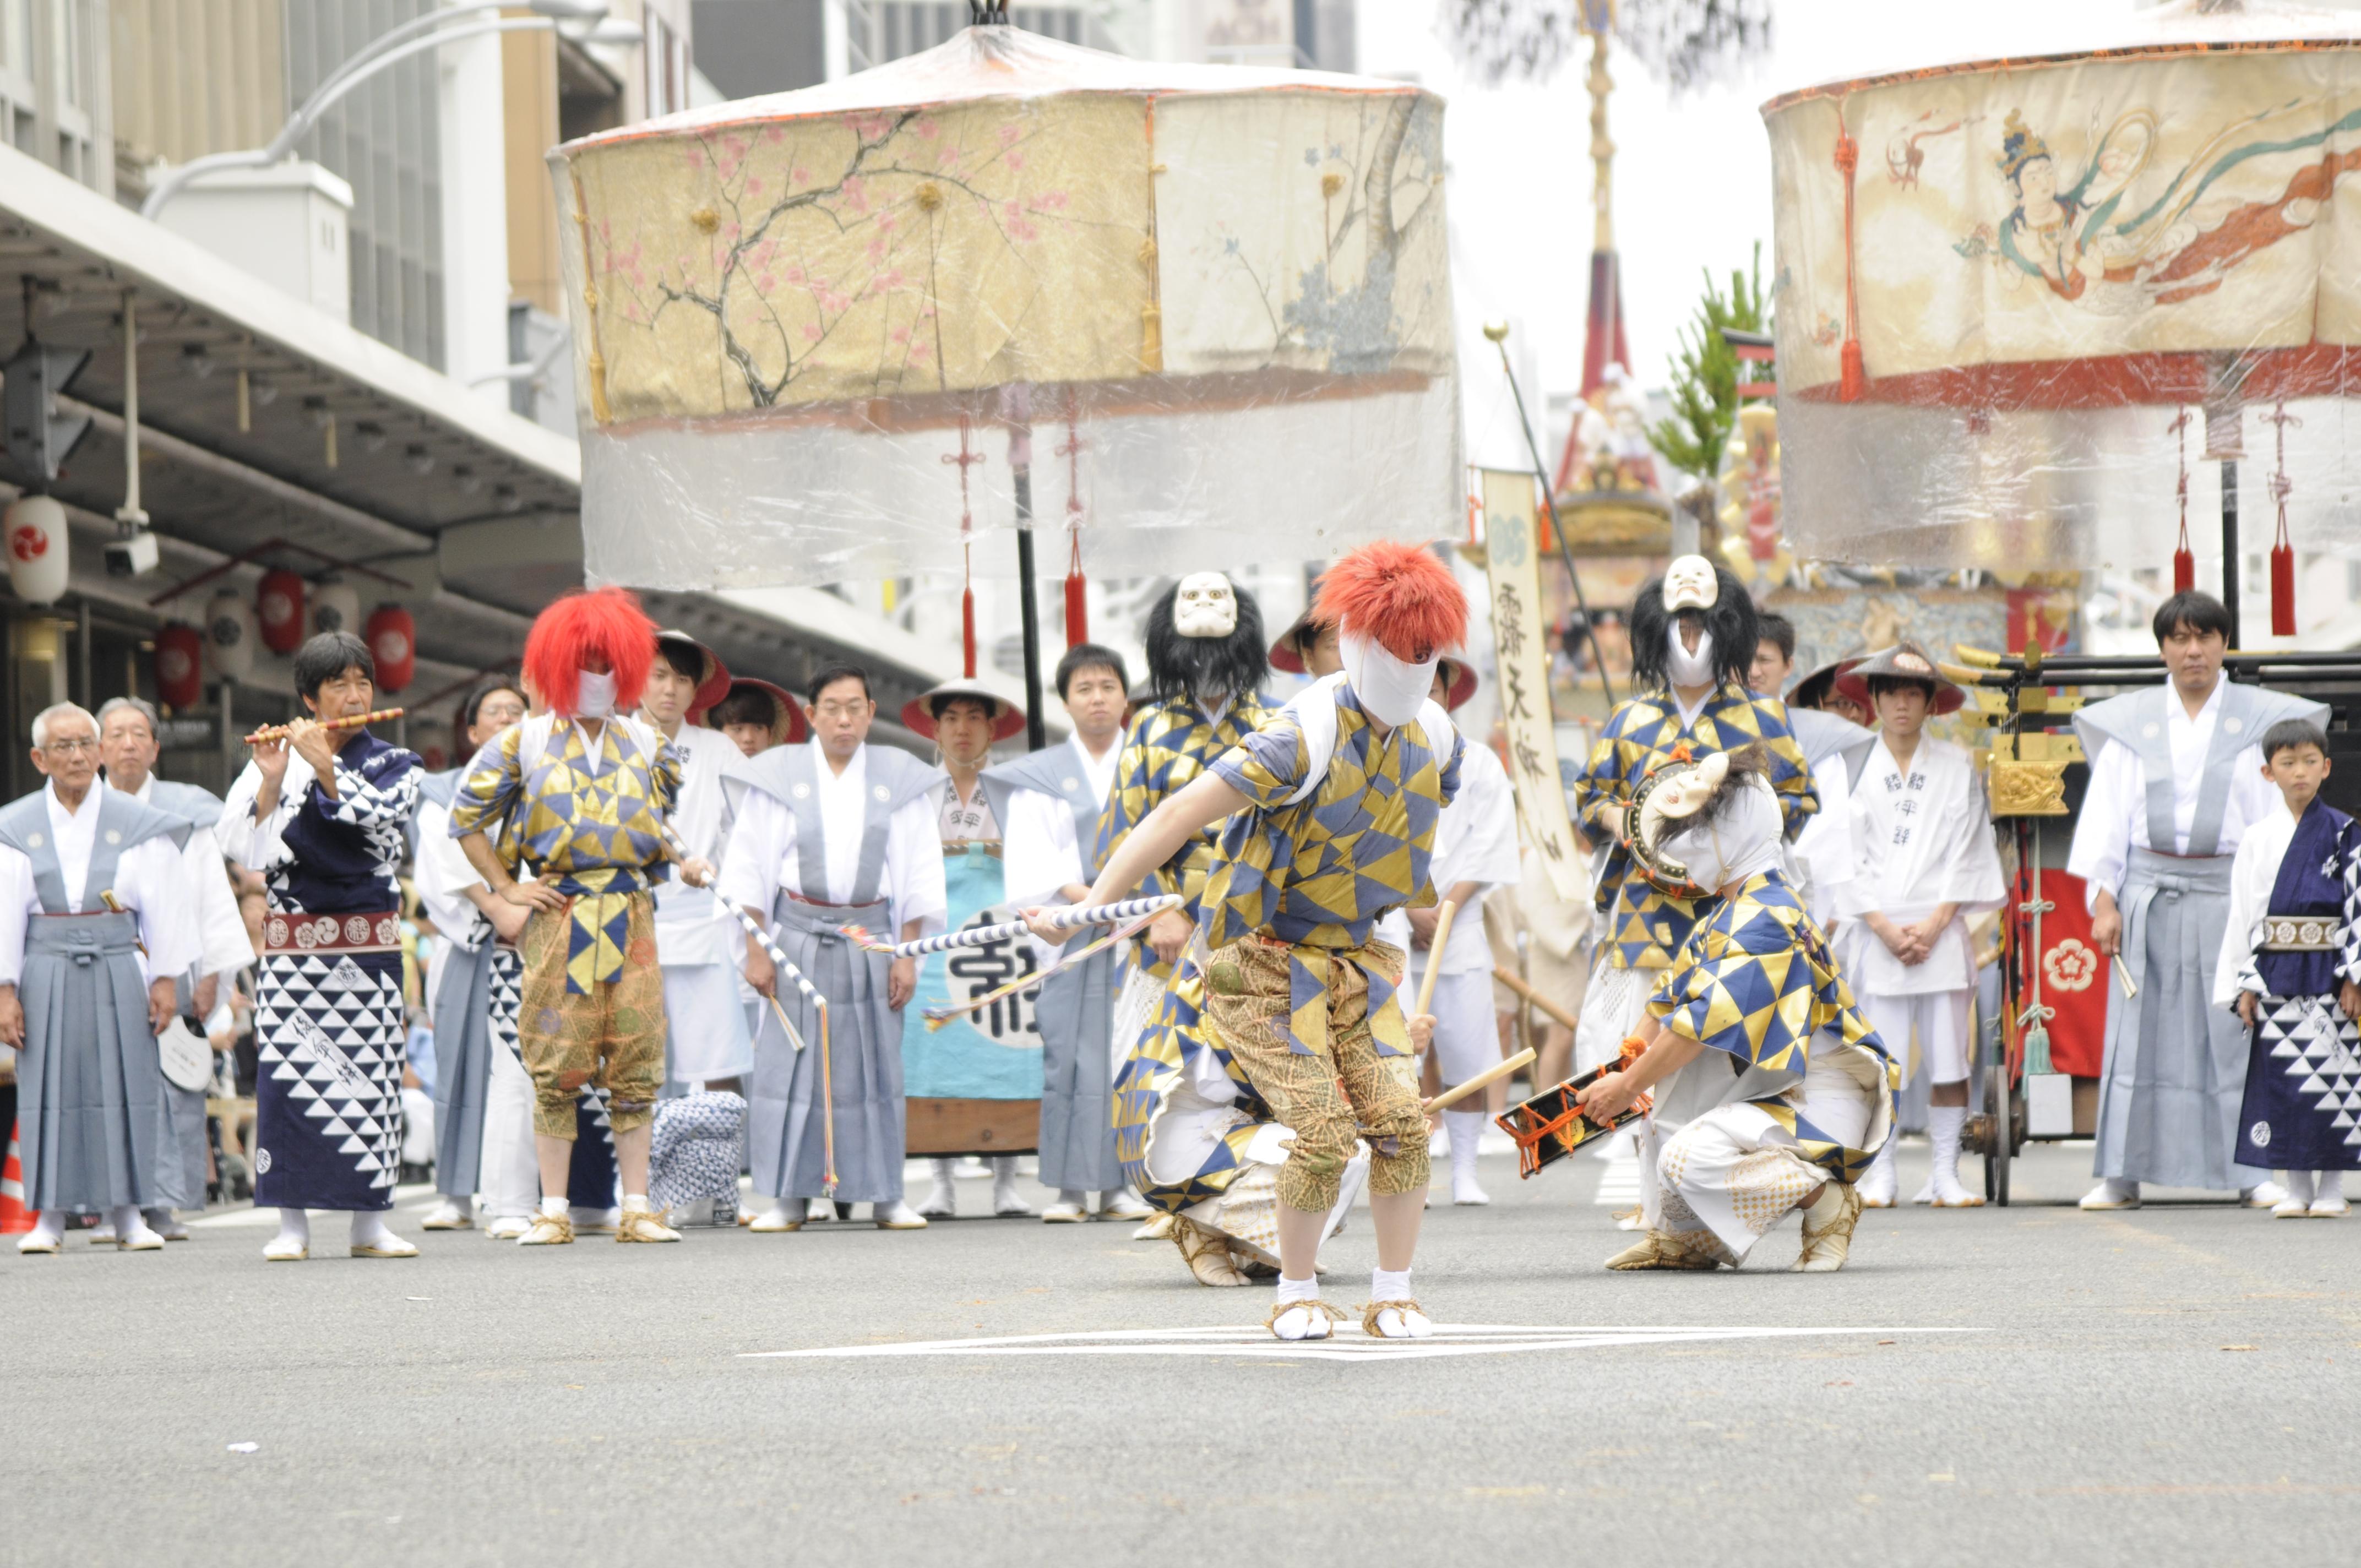 綾傘鉾は一風変わった棒振り囃子を披露!